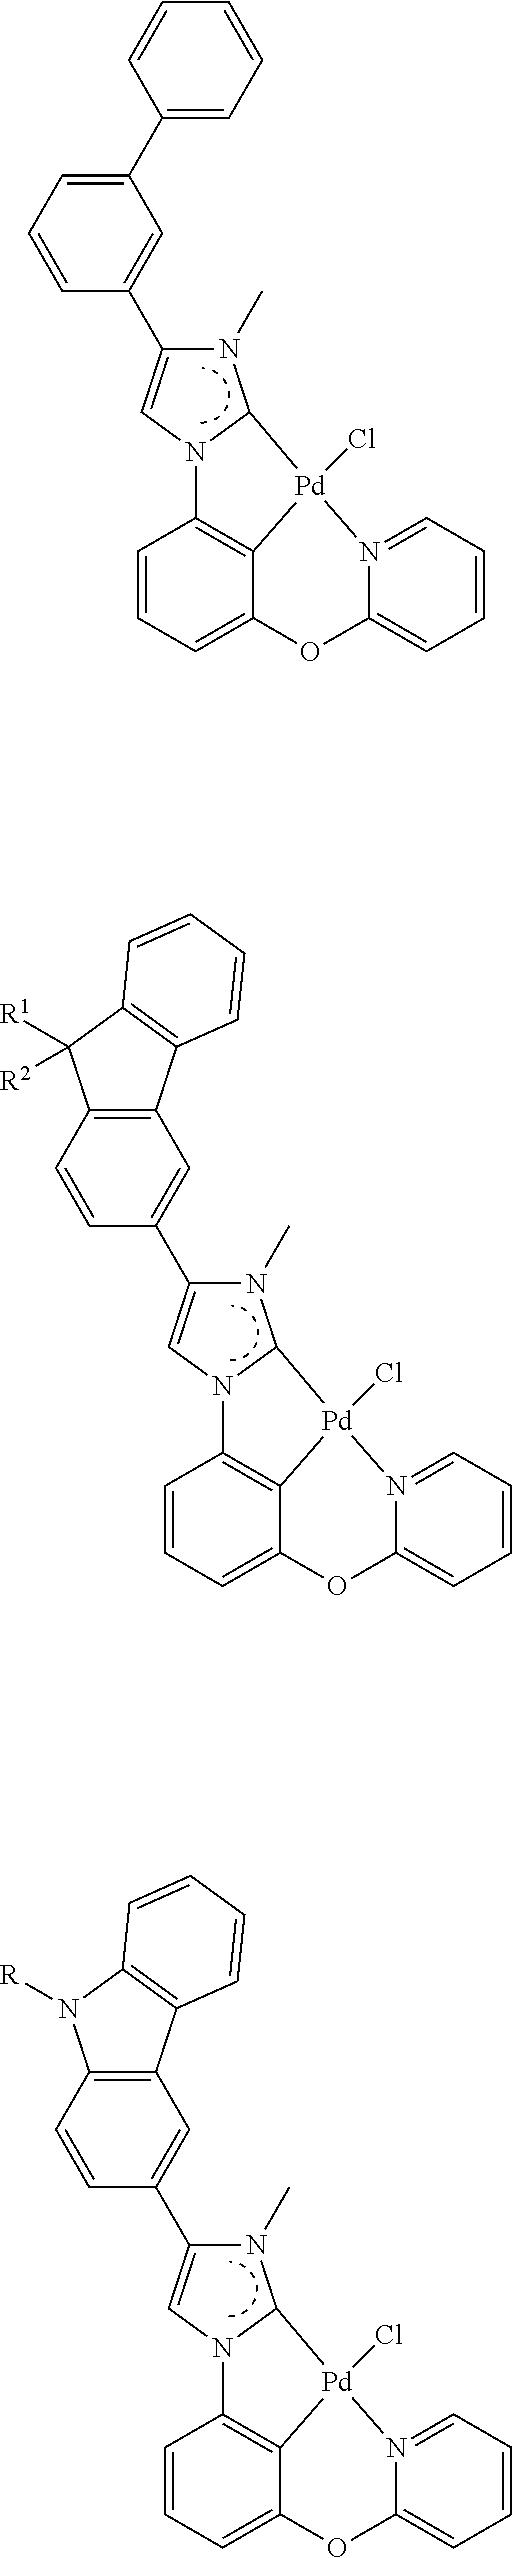 Figure US09818959-20171114-C00541